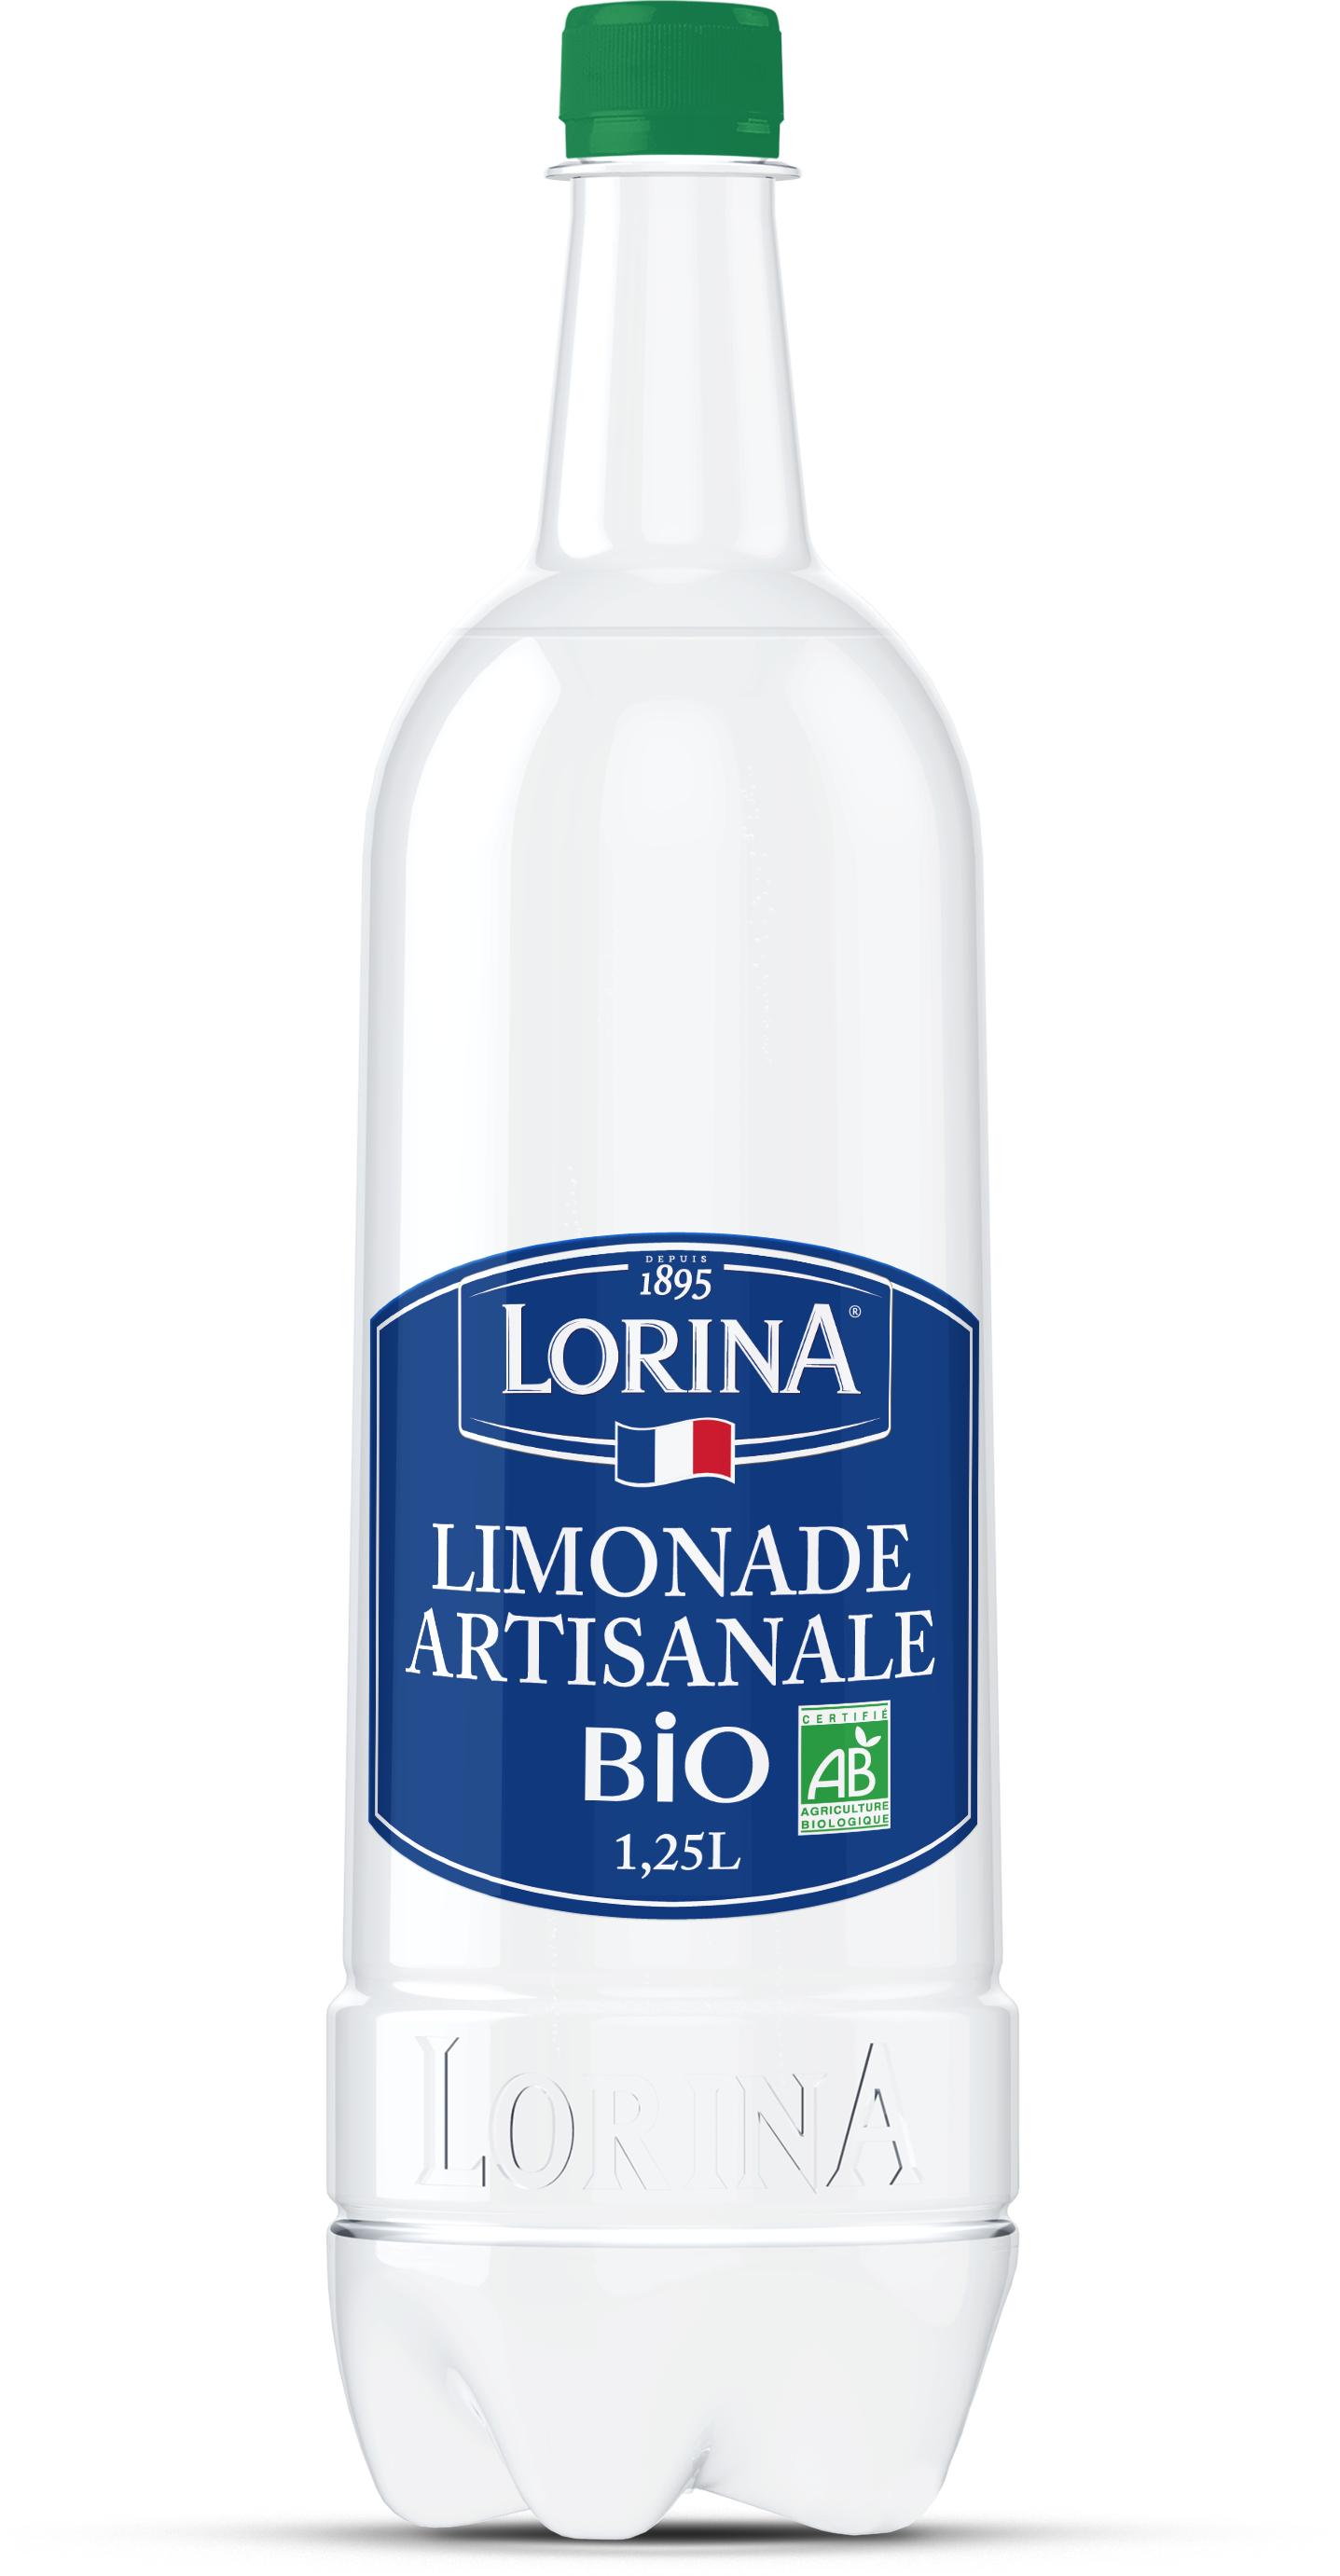 Limonade BIO, Lorina (1.25 L)